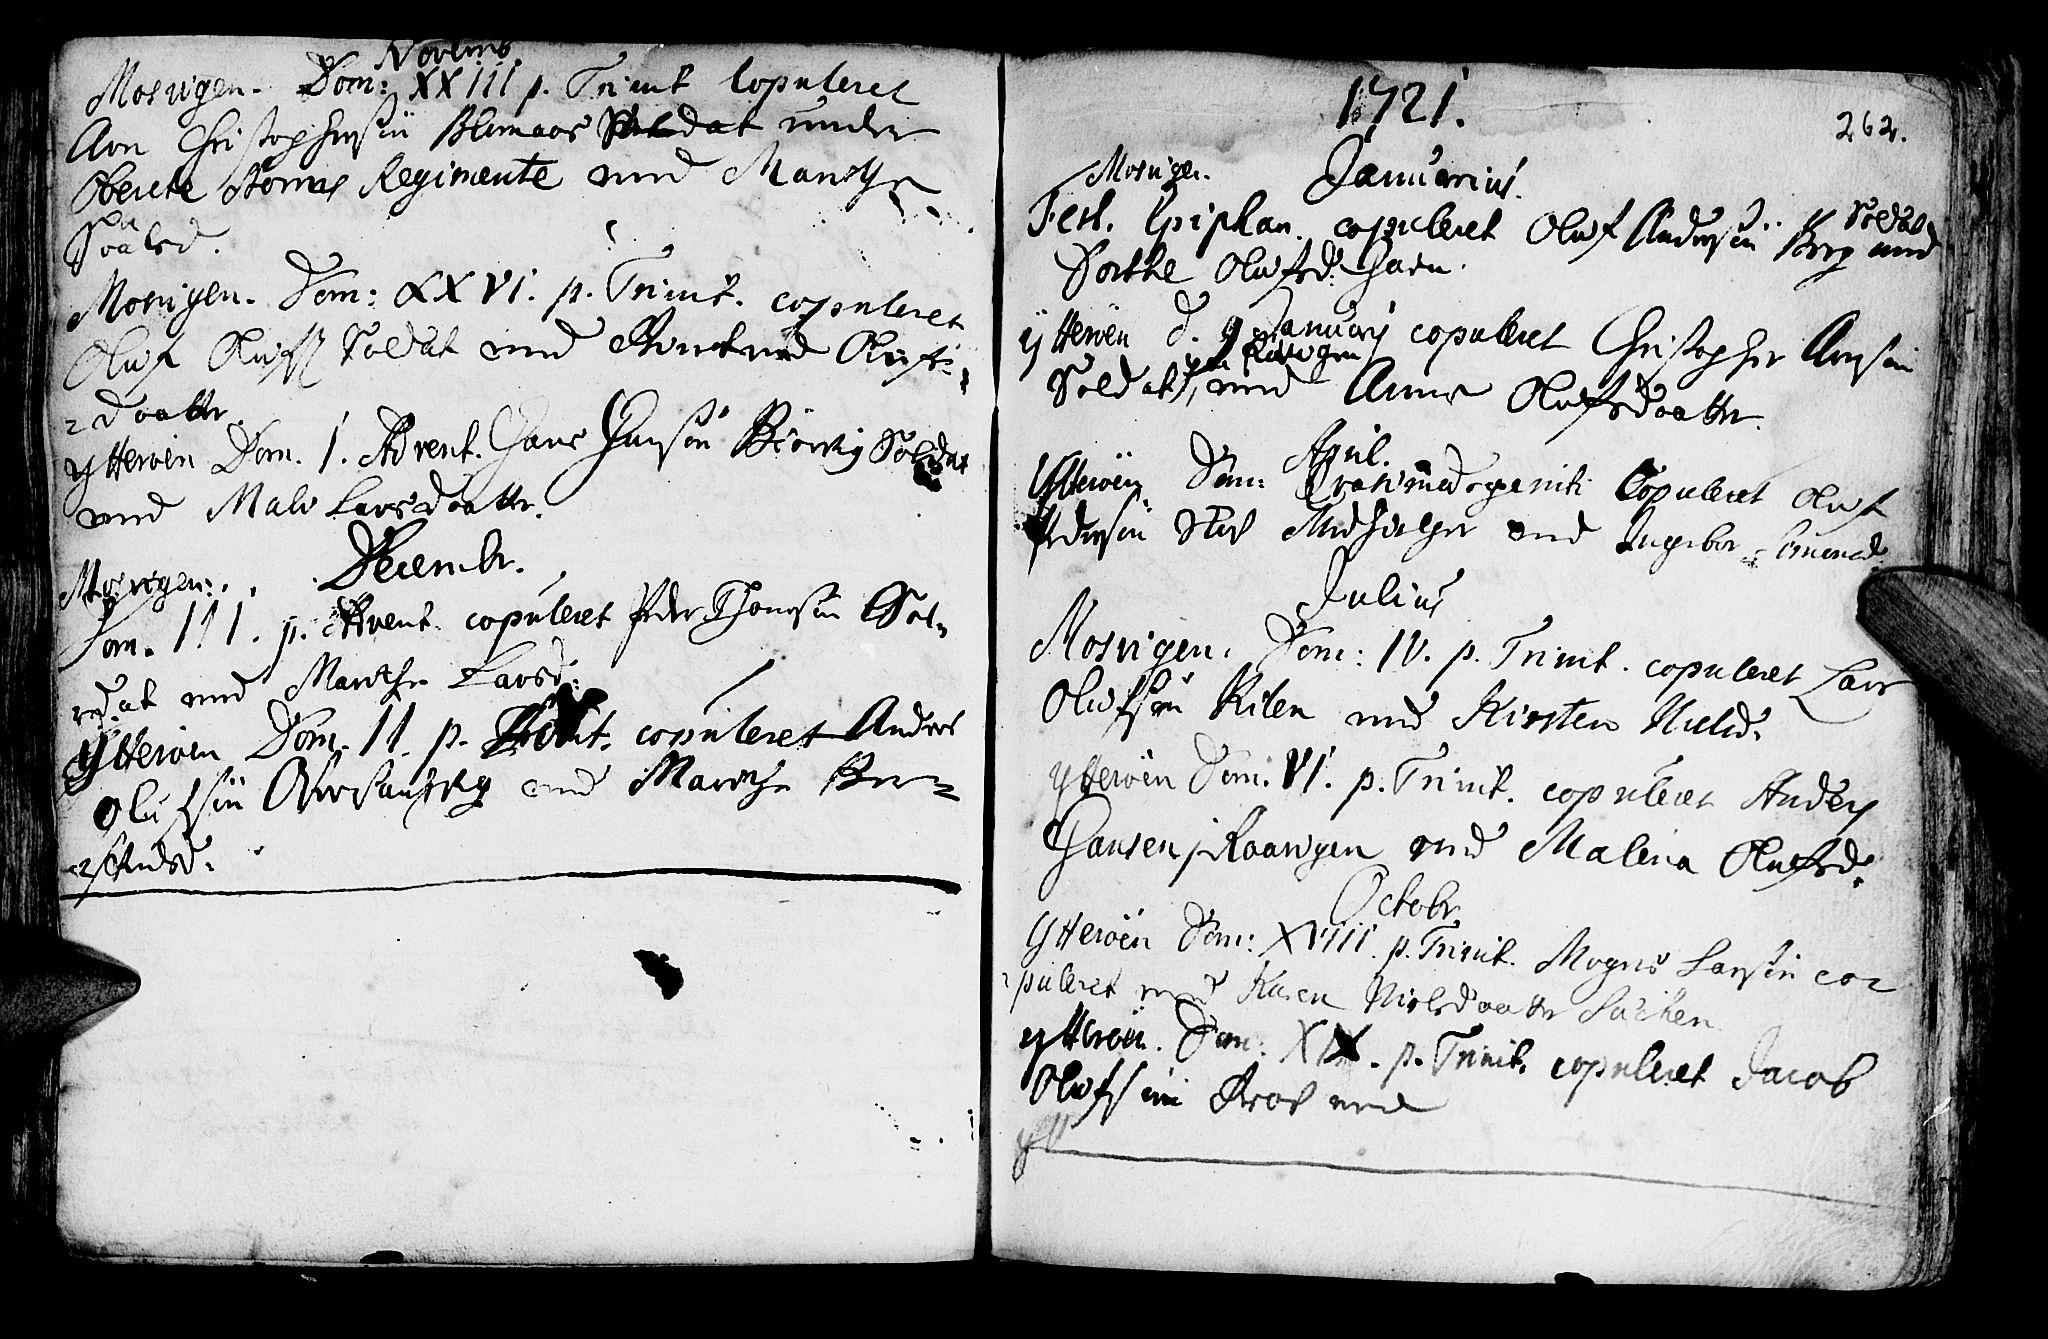 SAT, Ministerialprotokoller, klokkerbøker og fødselsregistre - Nord-Trøndelag, 722/L0215: Ministerialbok nr. 722A02, 1718-1755, s. 262